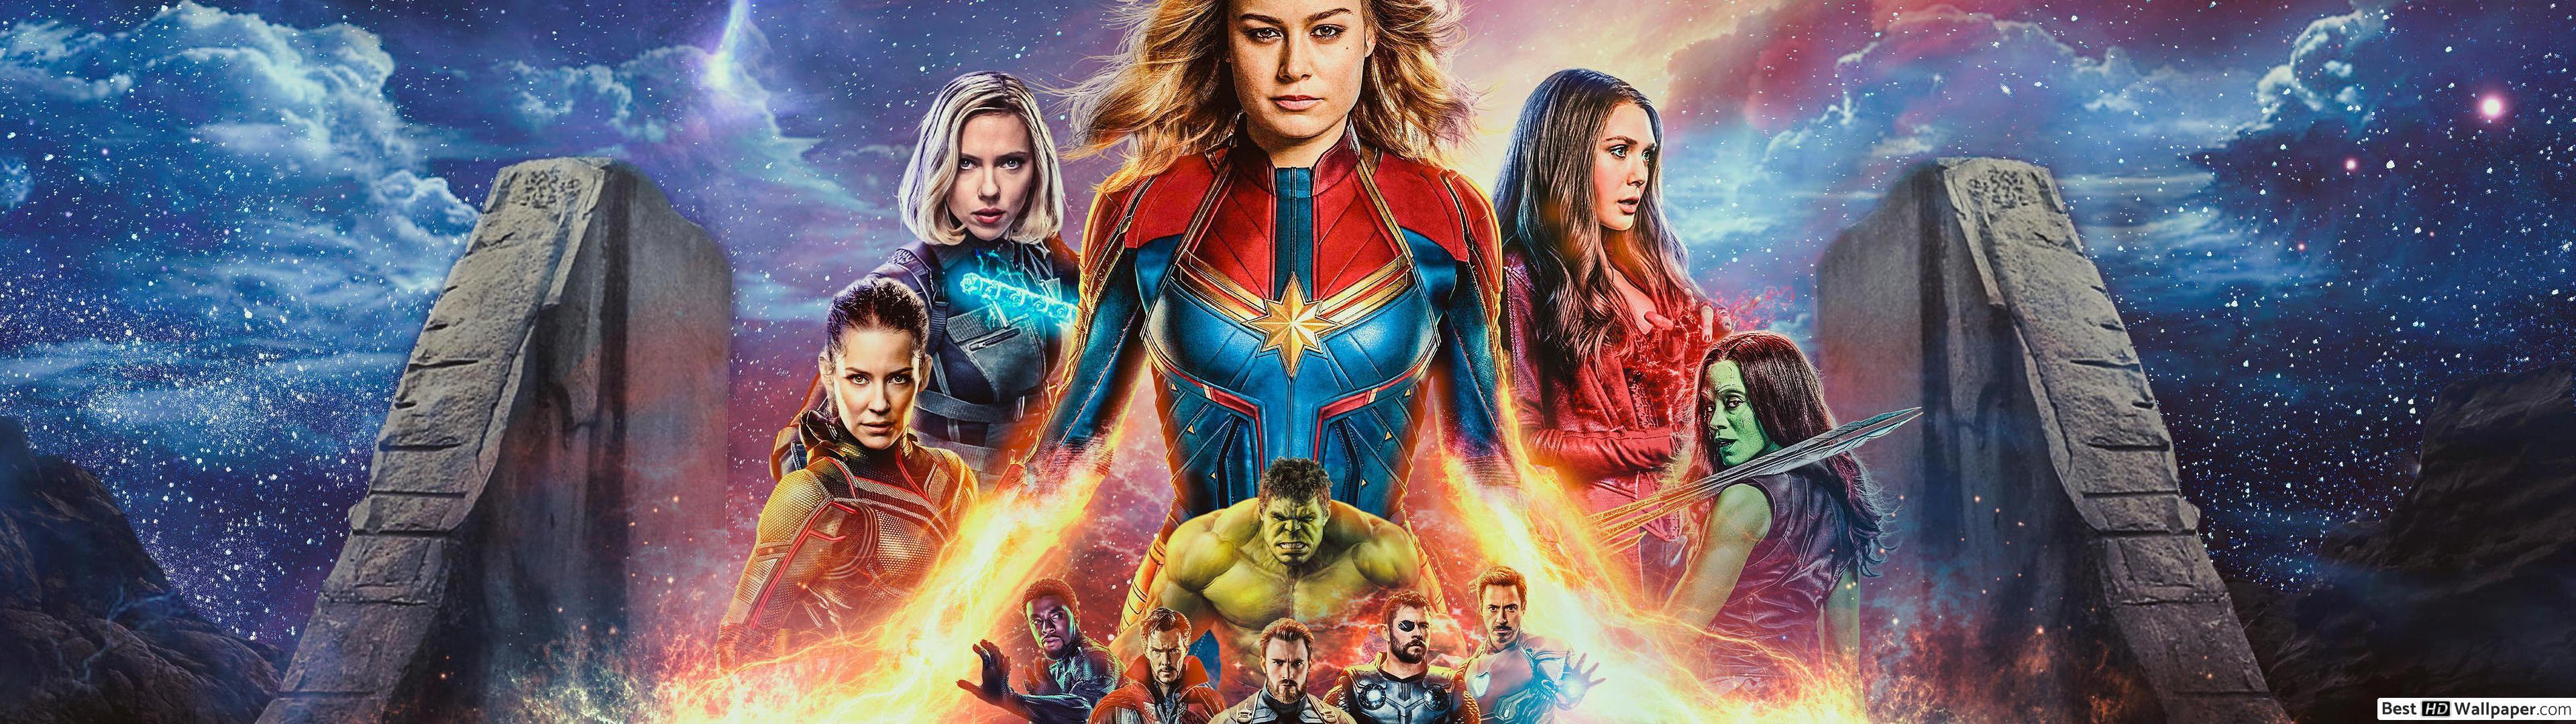 Avengers Endgame fotoğrafları